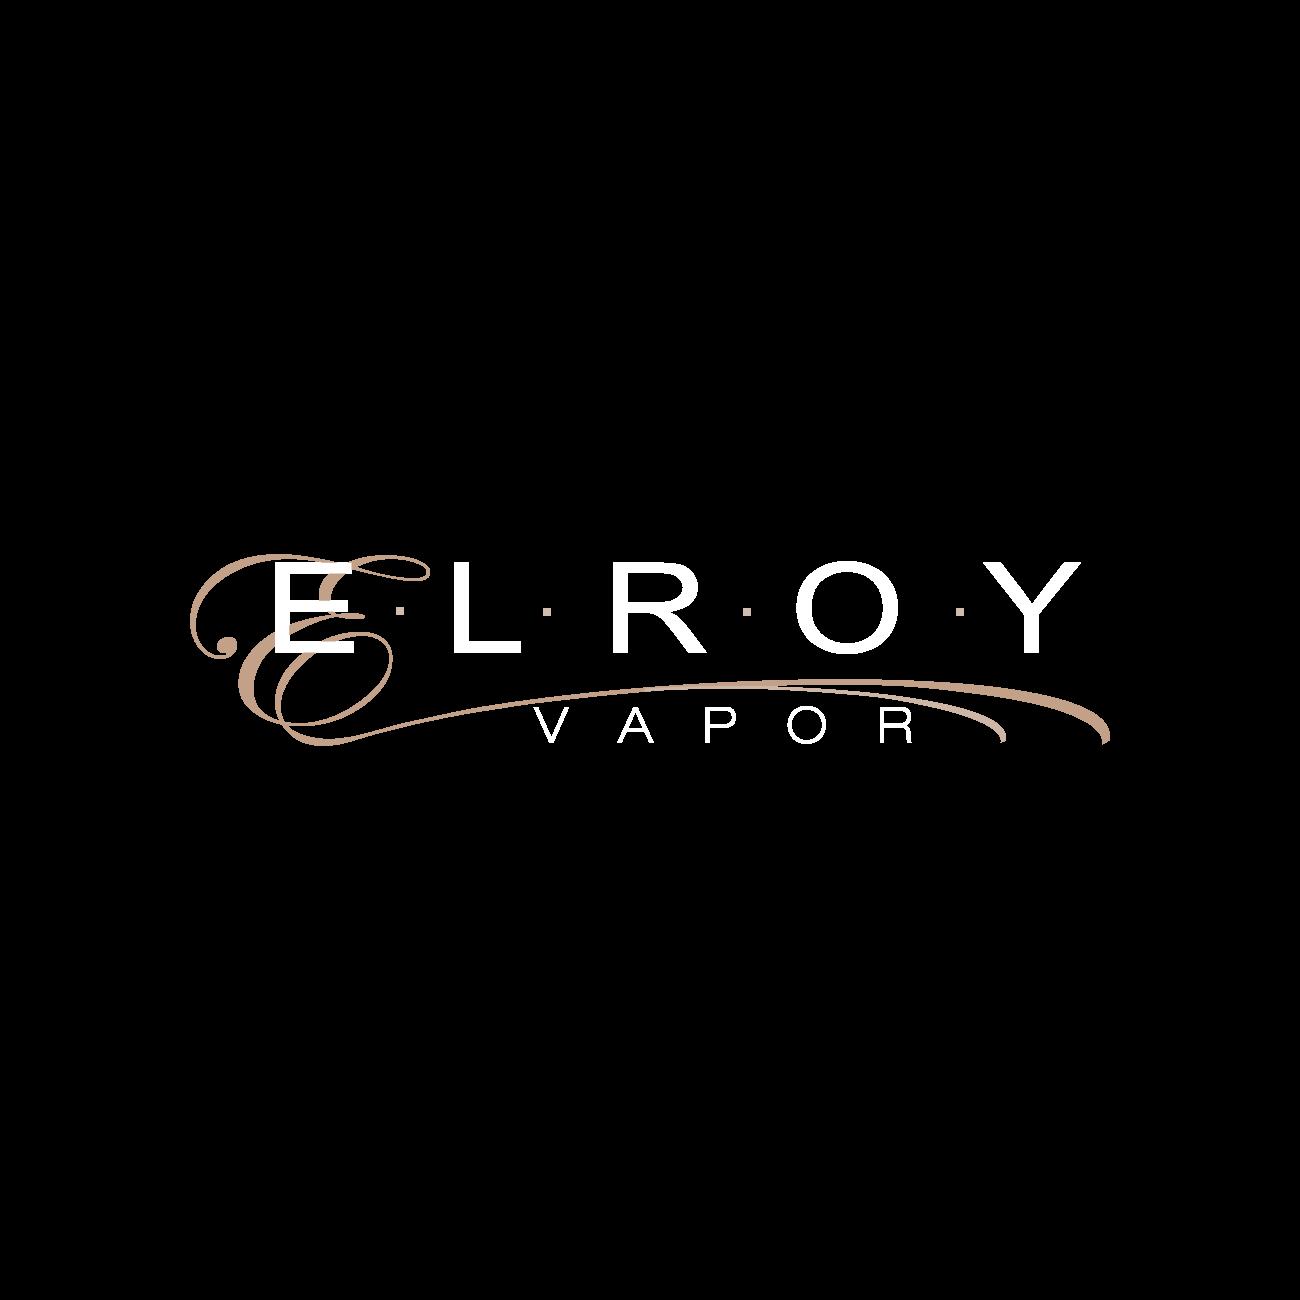 Elroy - logotips uz tumša fona